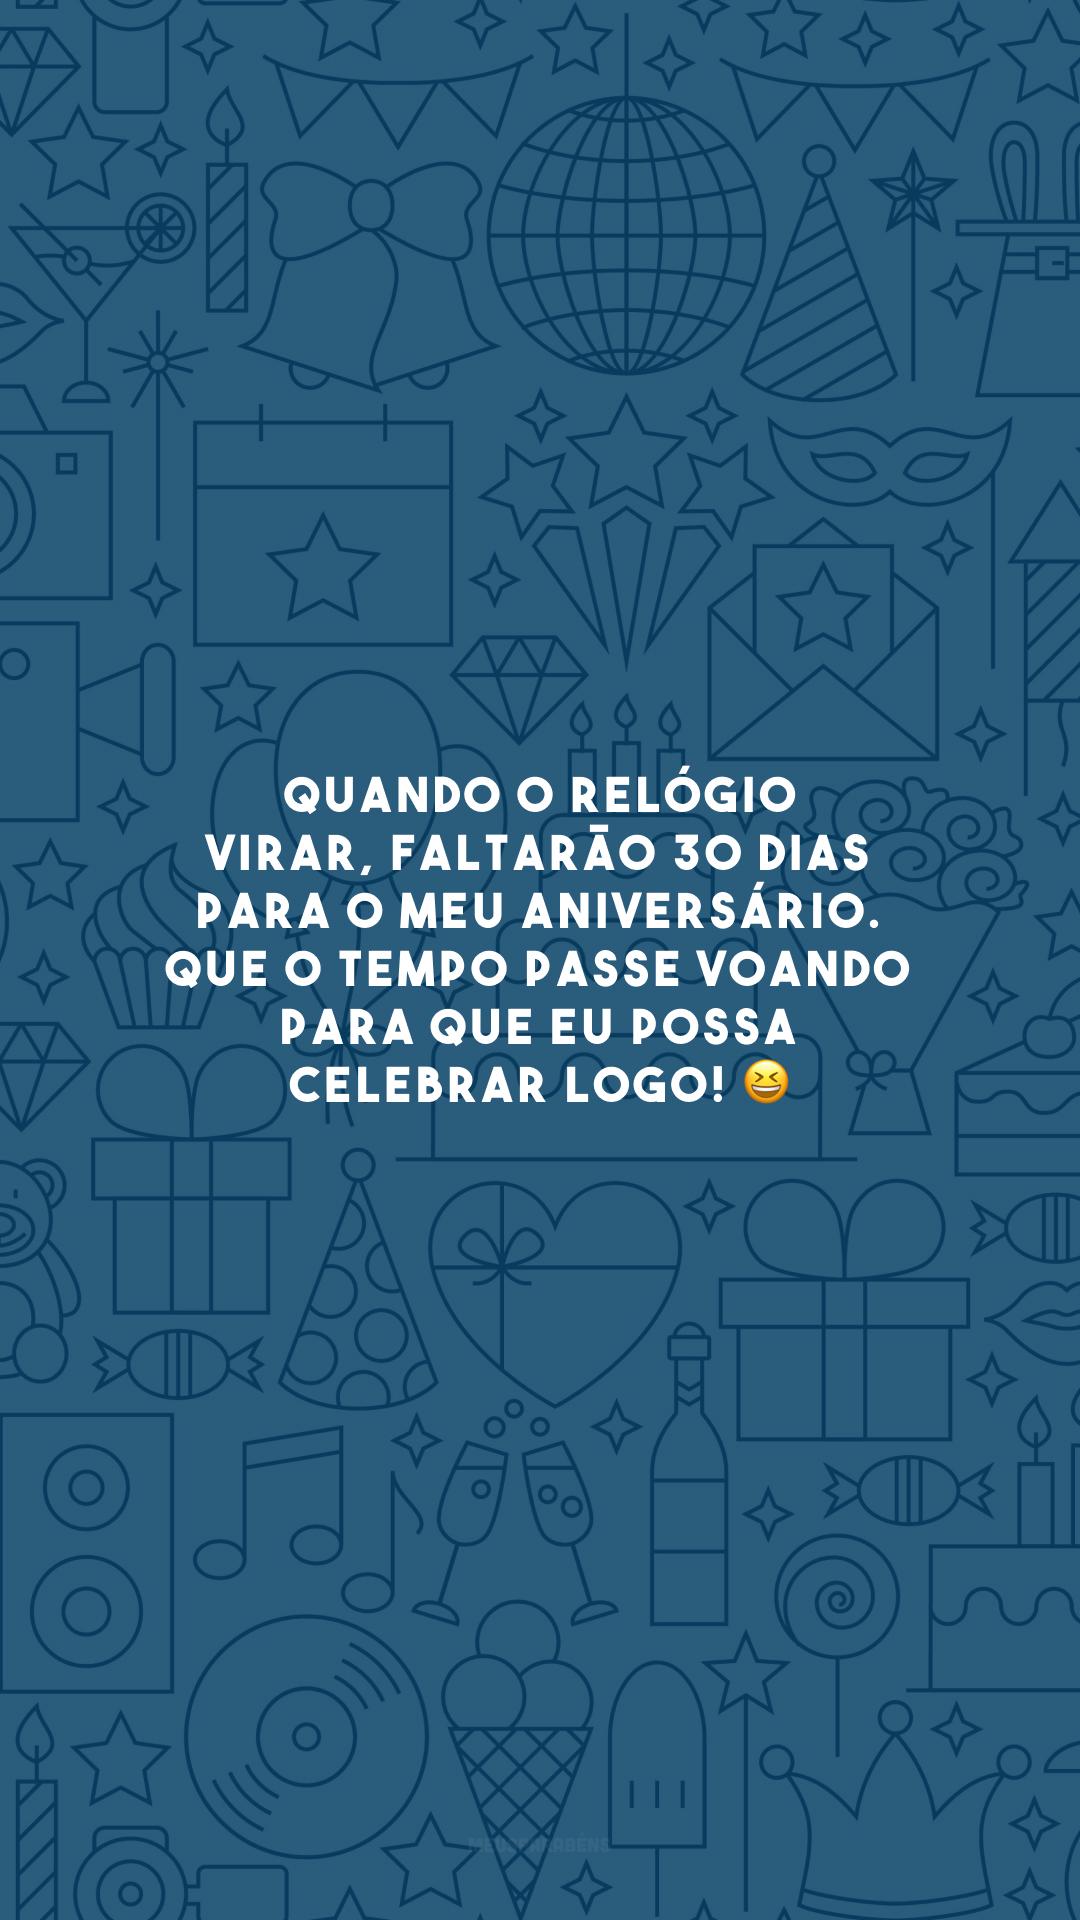 Quando o relógio virar, faltarão 30 dias para o meu aniversário. Que o tempo passe voando para que eu possa celebrar logo! 😆